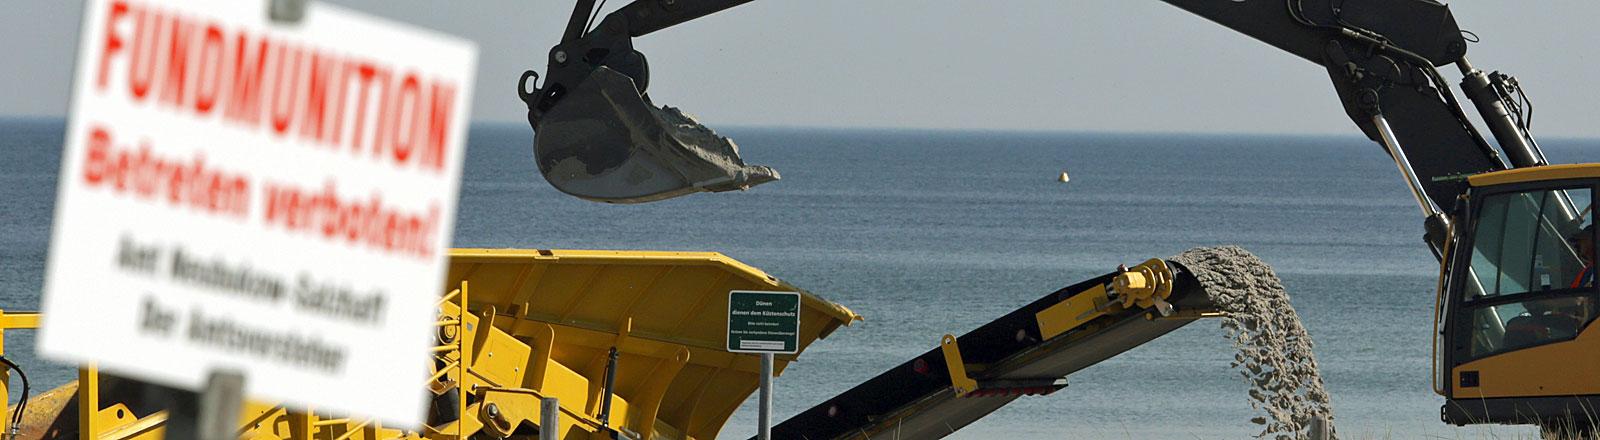 Am Ostseestrand von Rerik (Mecklenburg-Vorpommern) wird am 22.05.2014 mit schwerer Technik nach Munition gesucht.